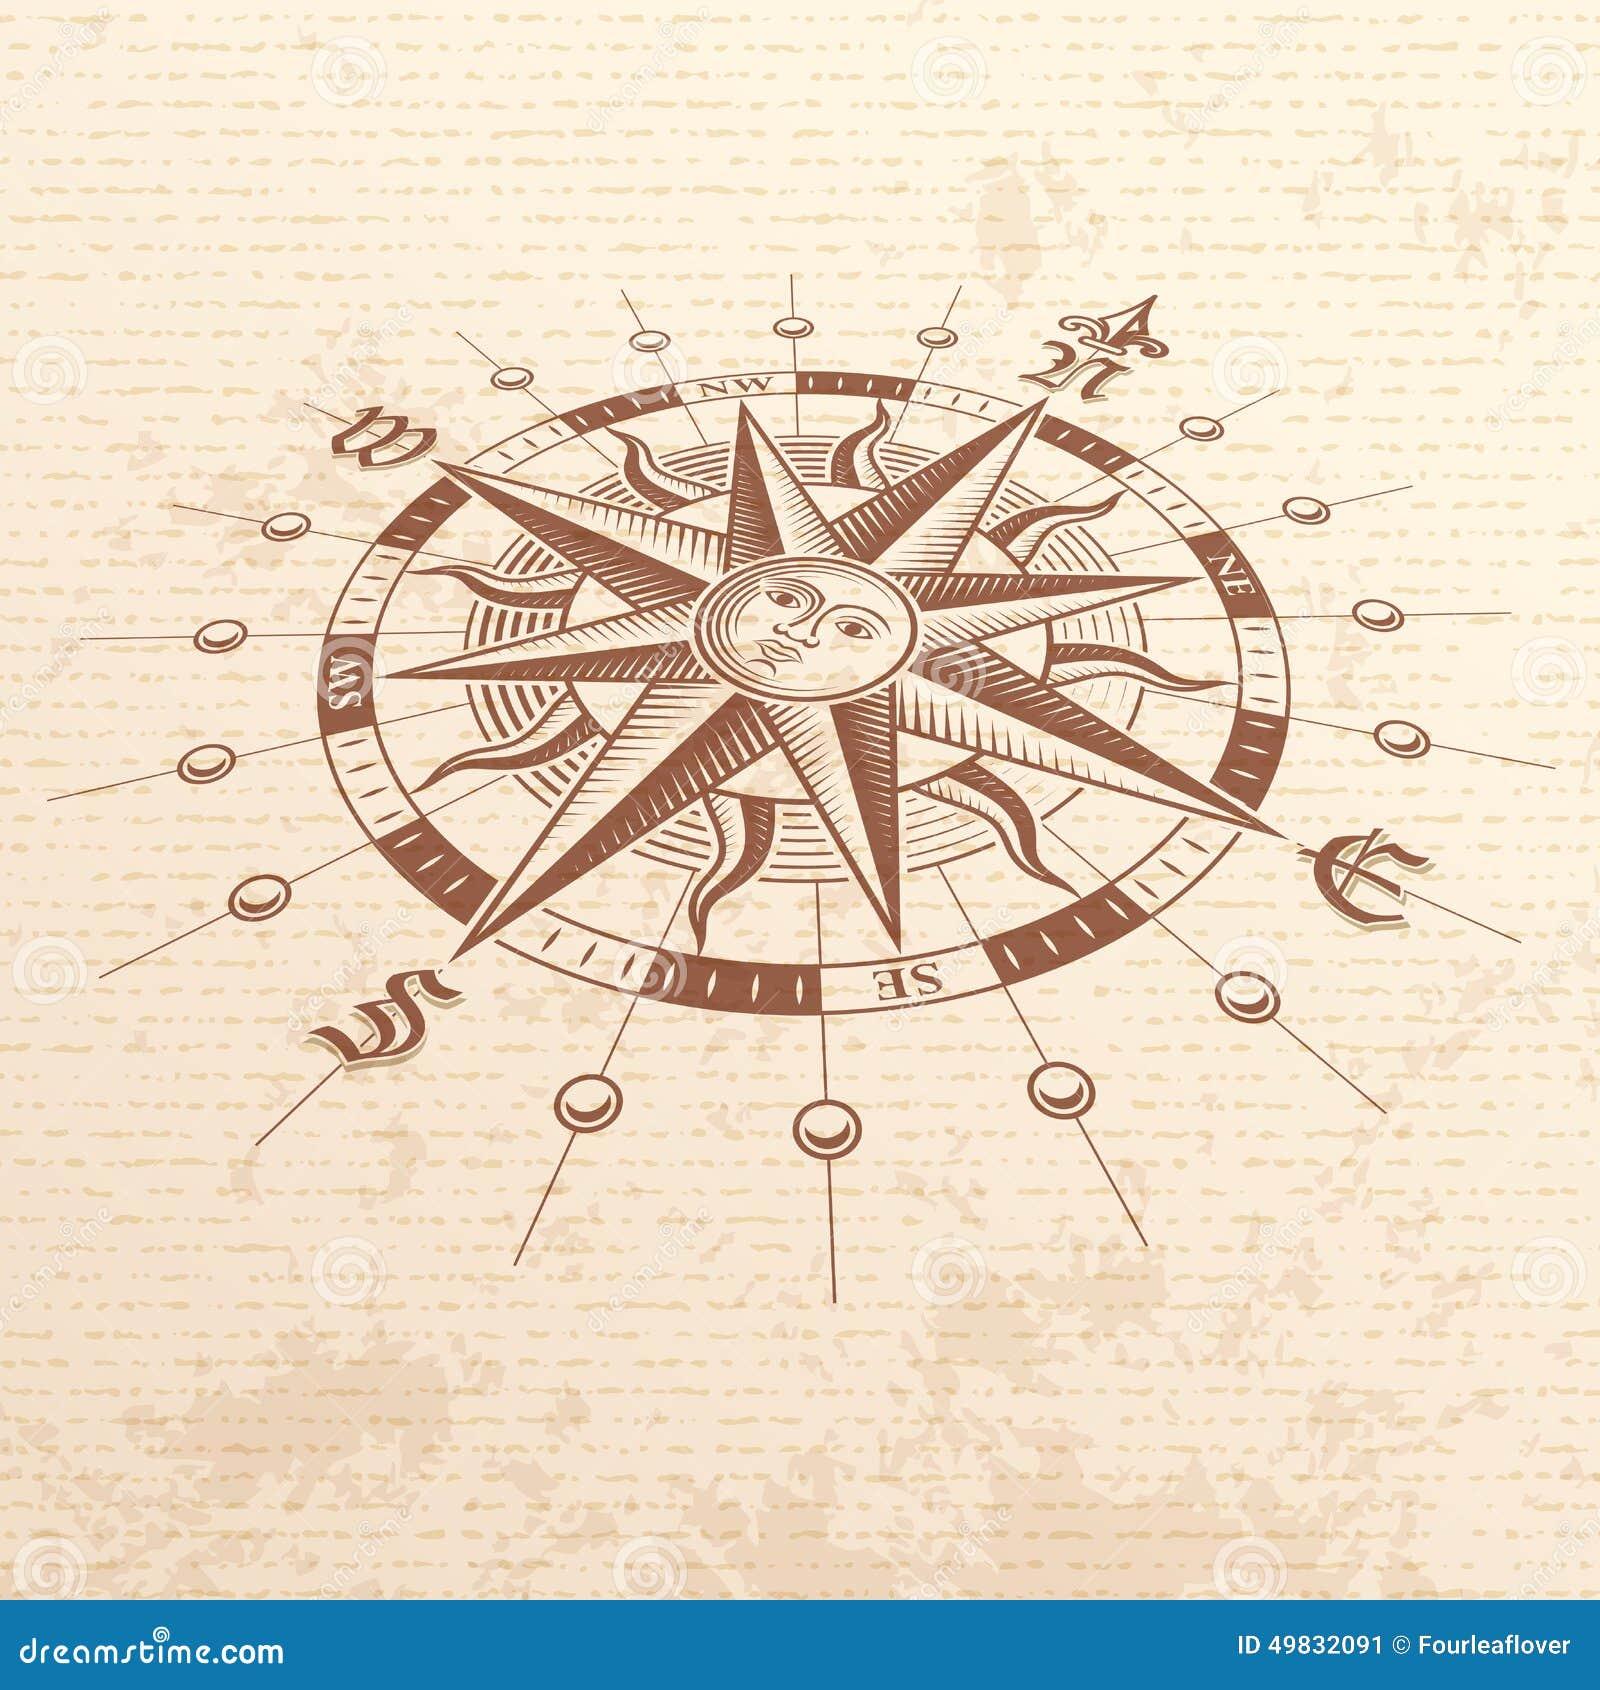 Rosa dei venti di prospettiva di vettore illustrazione for Rosa dei venti disegno per bambini